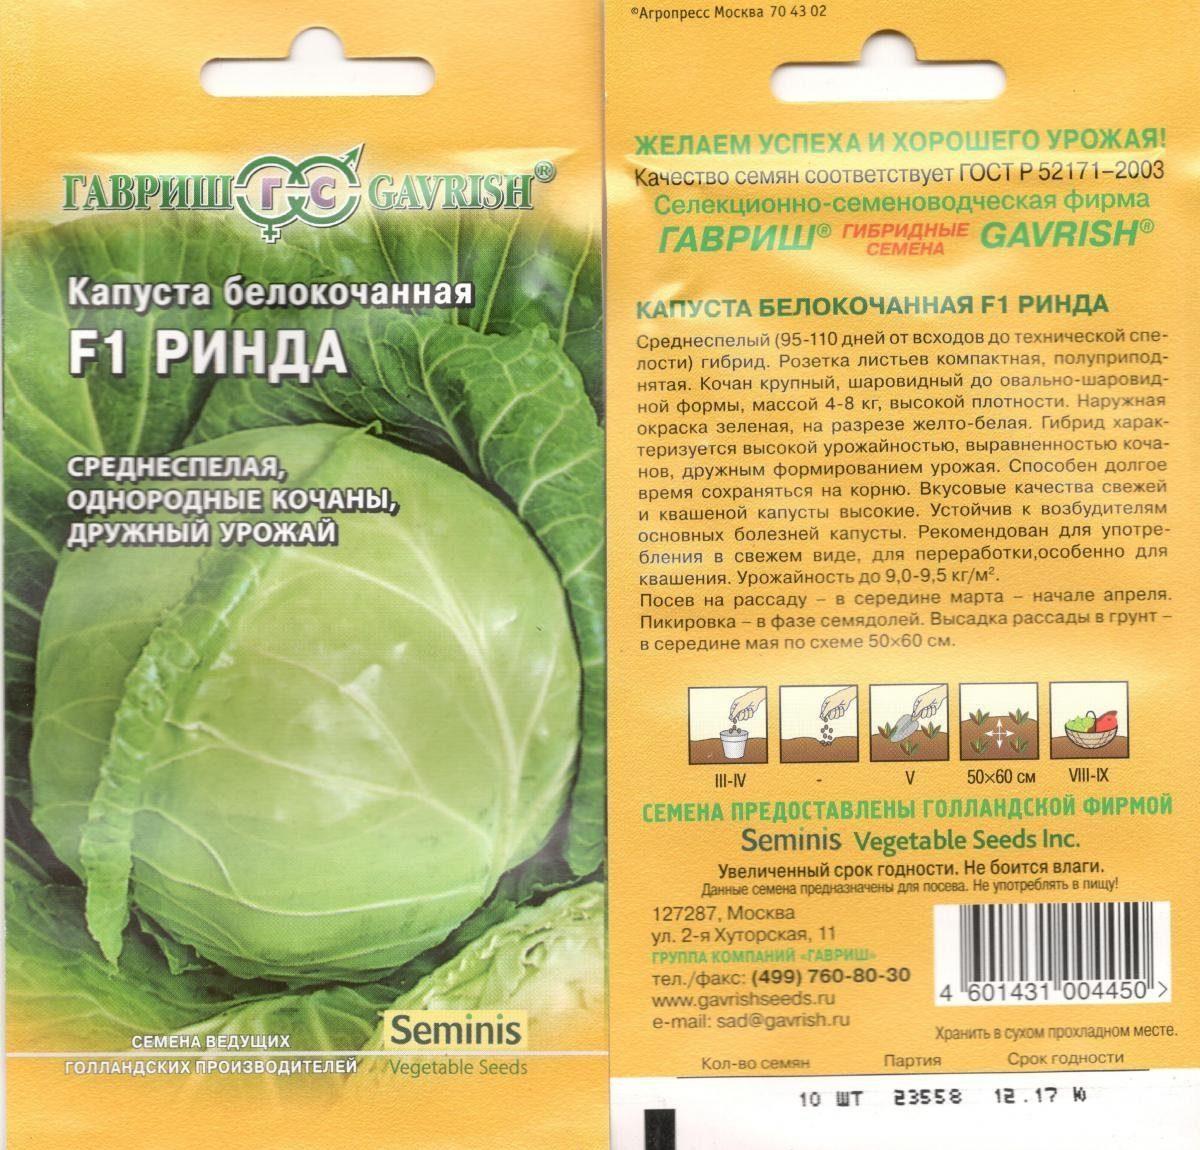 Капуста ринда f1: характеристика и описание гибрида, выращивание и уход